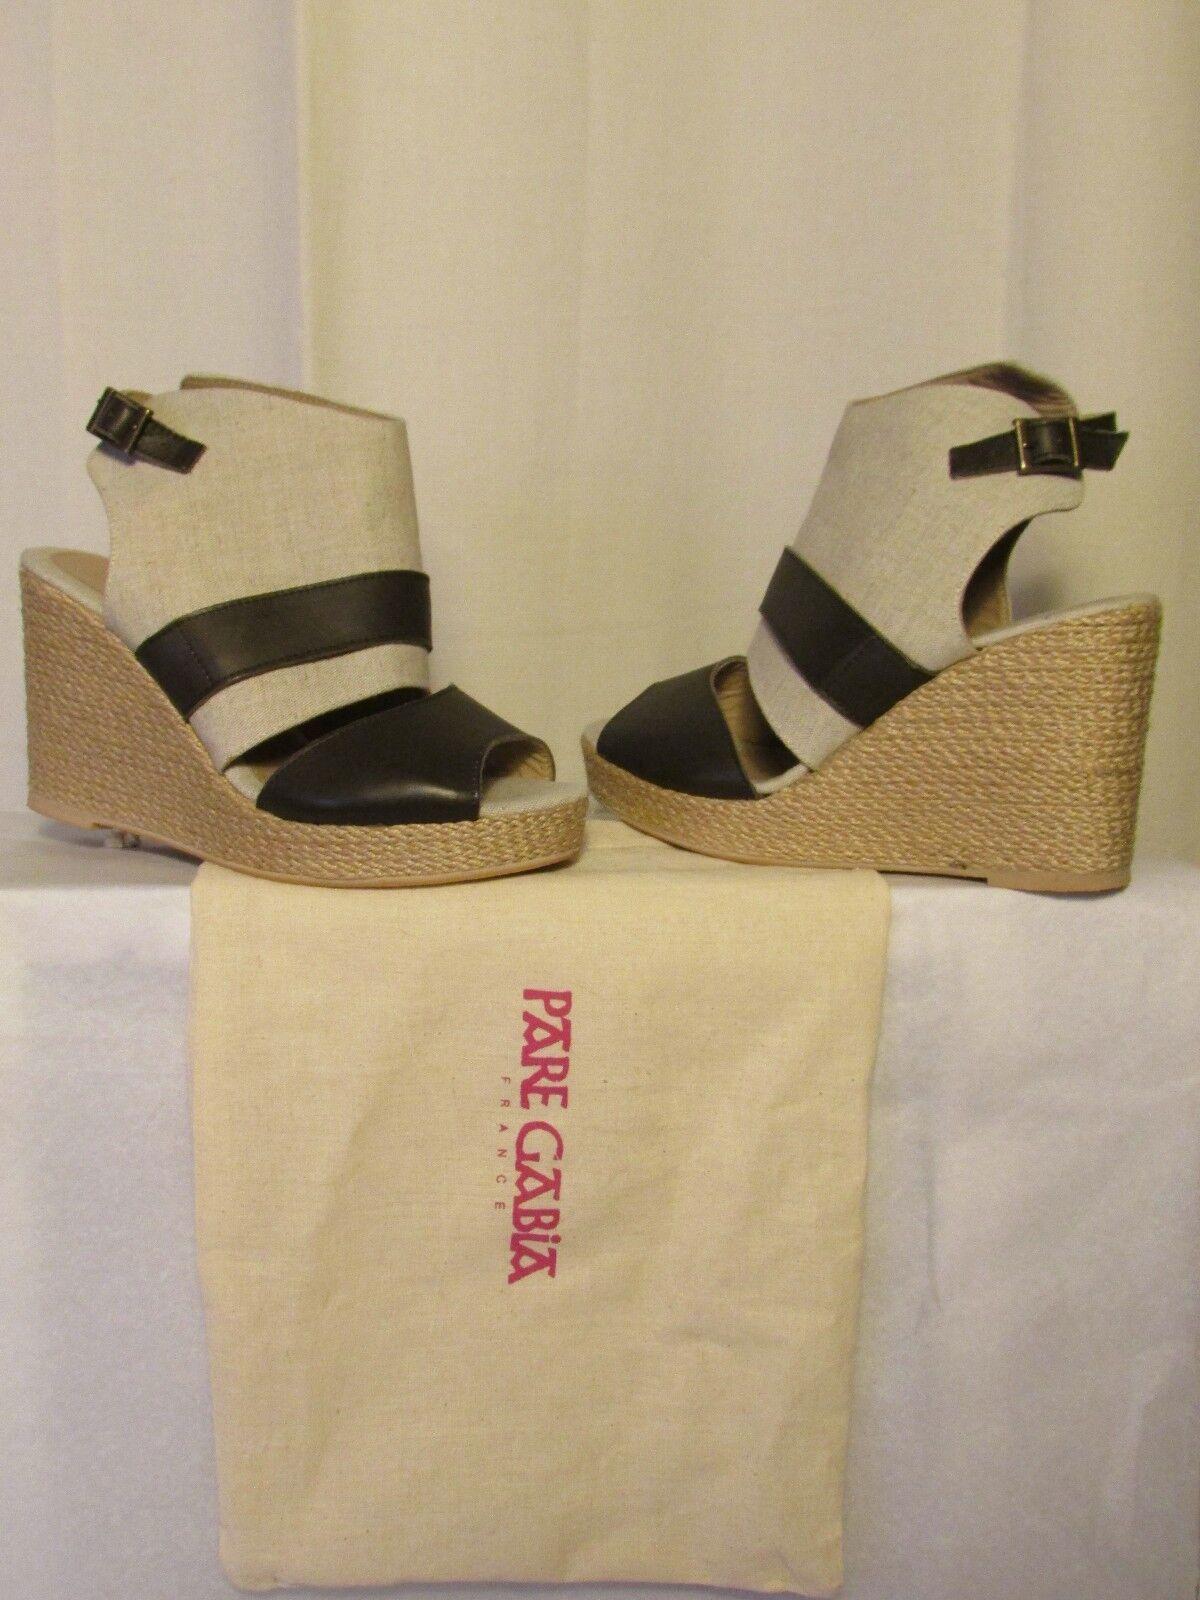 Sandales compensées PARA GABIA  toile tissée et cuir marron 40